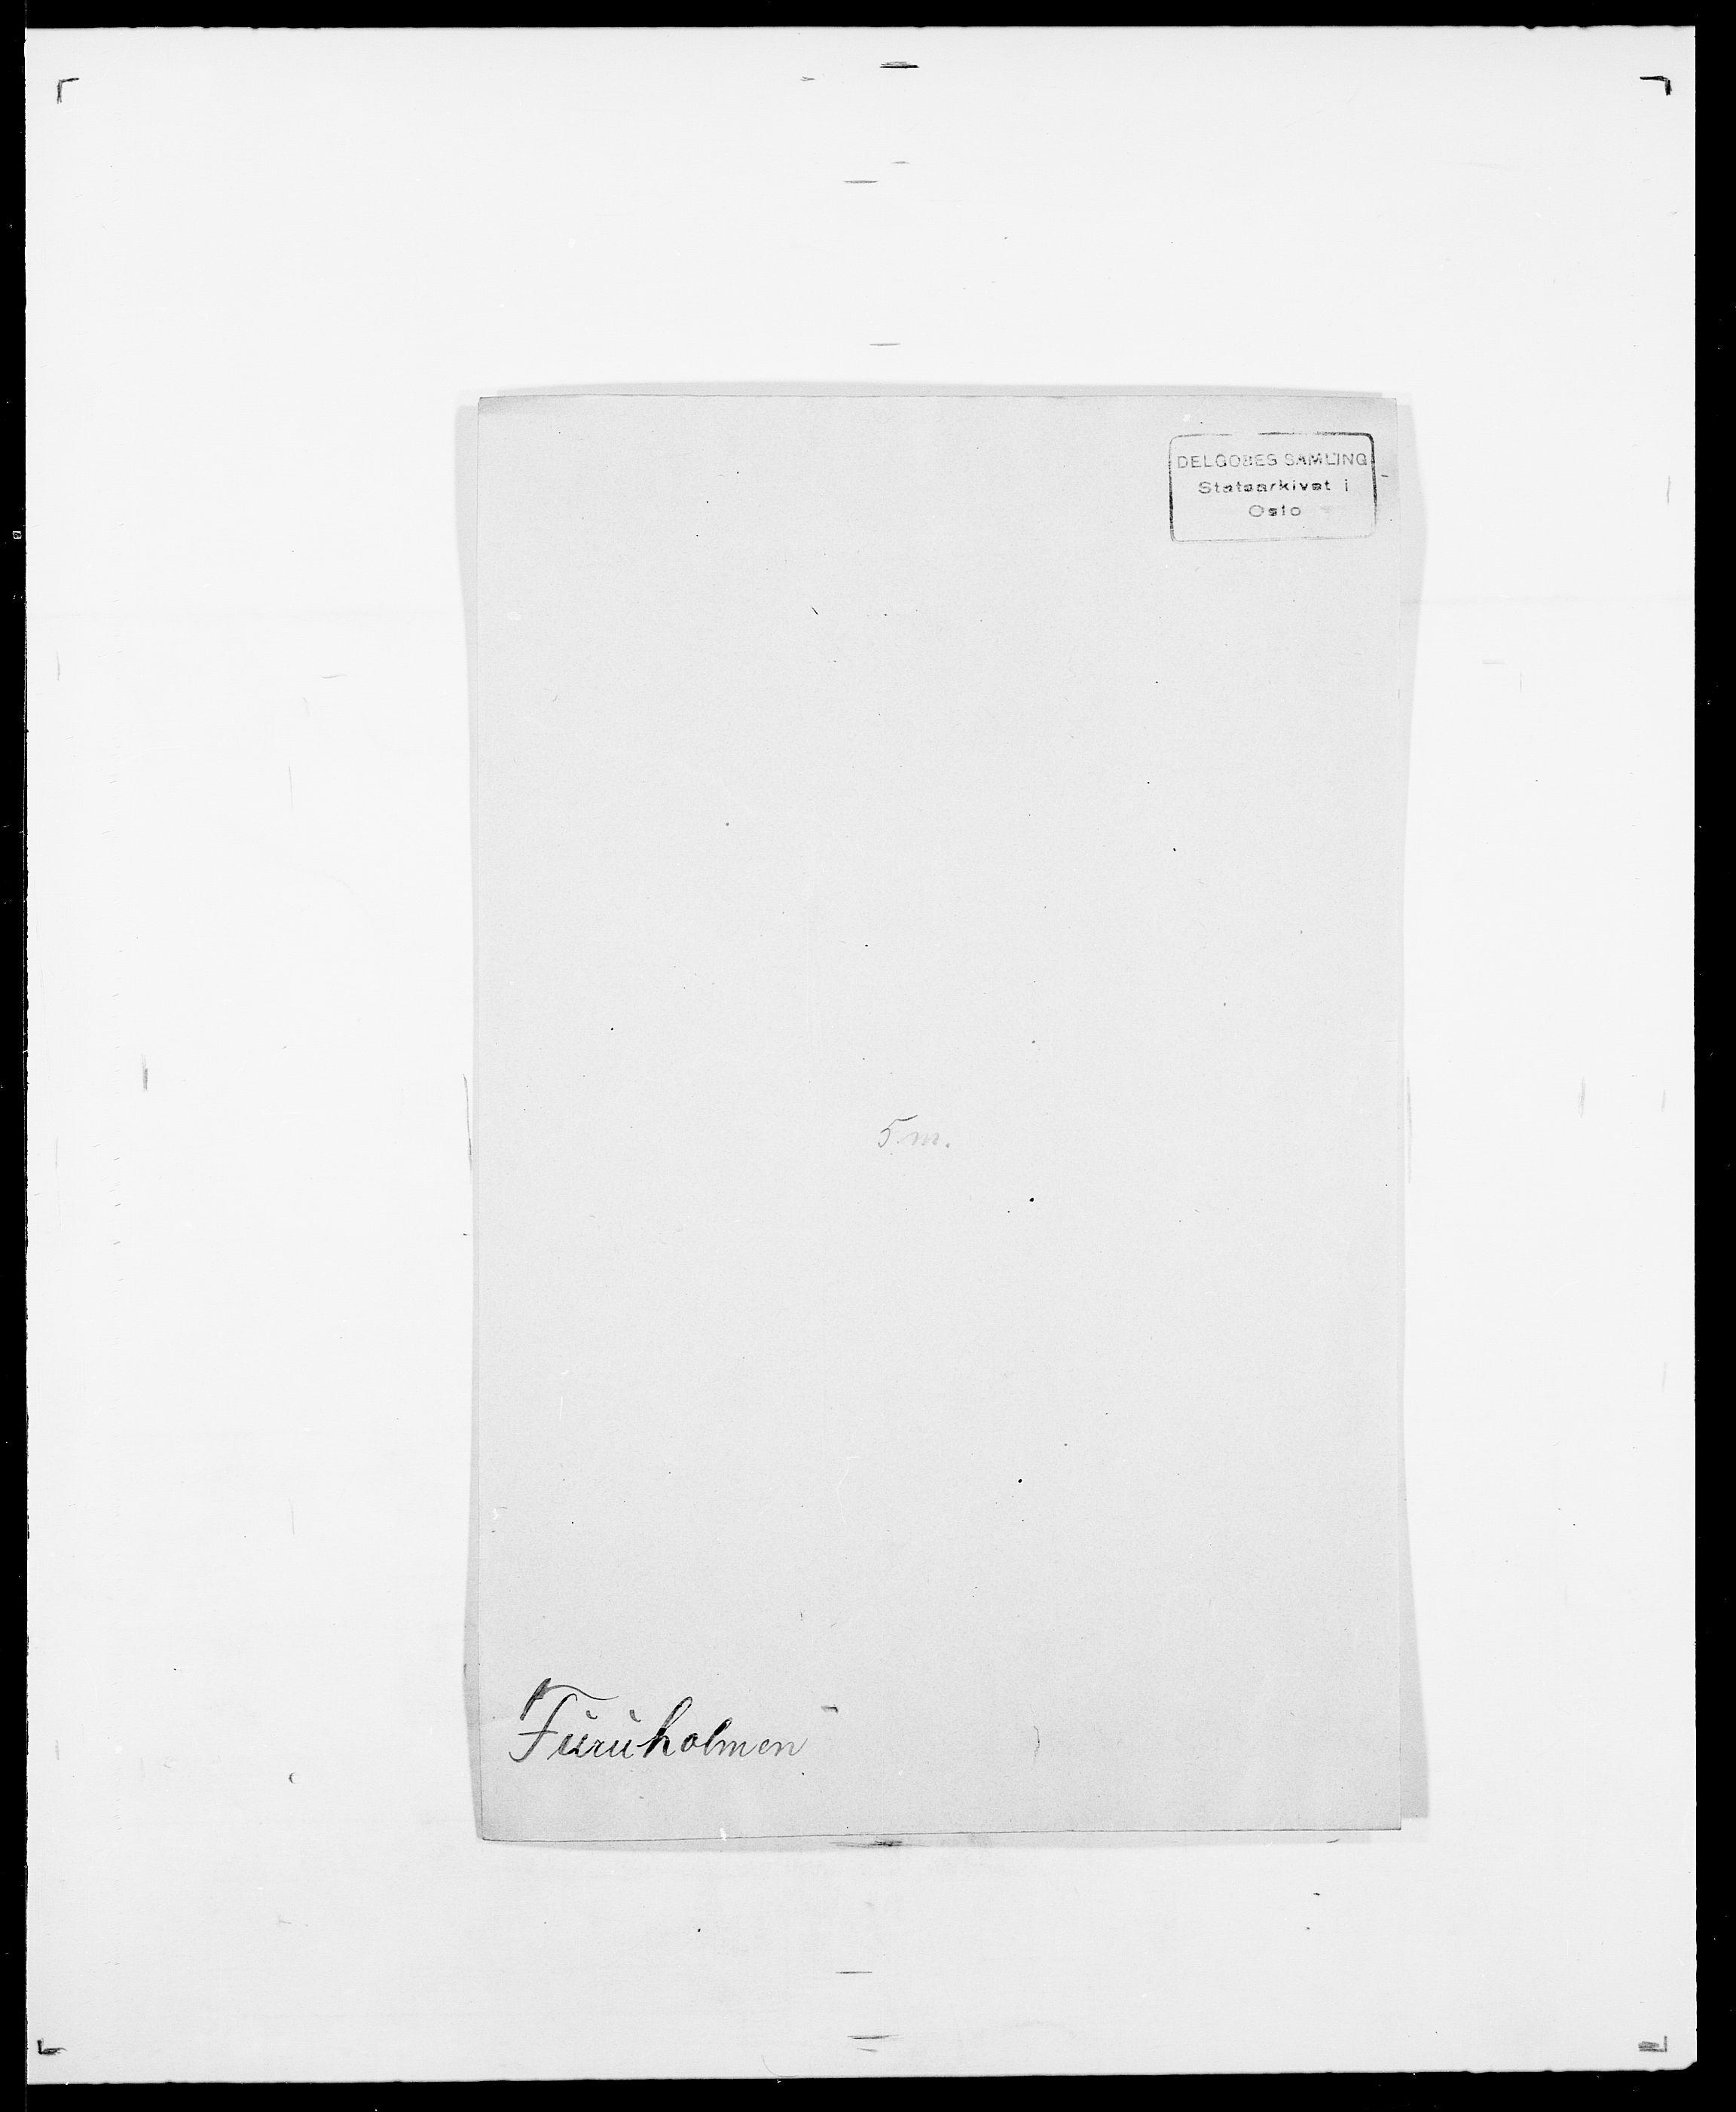 SAO, Delgobe, Charles Antoine - samling, D/Da/L0013: Forbos - Geving, s. 213